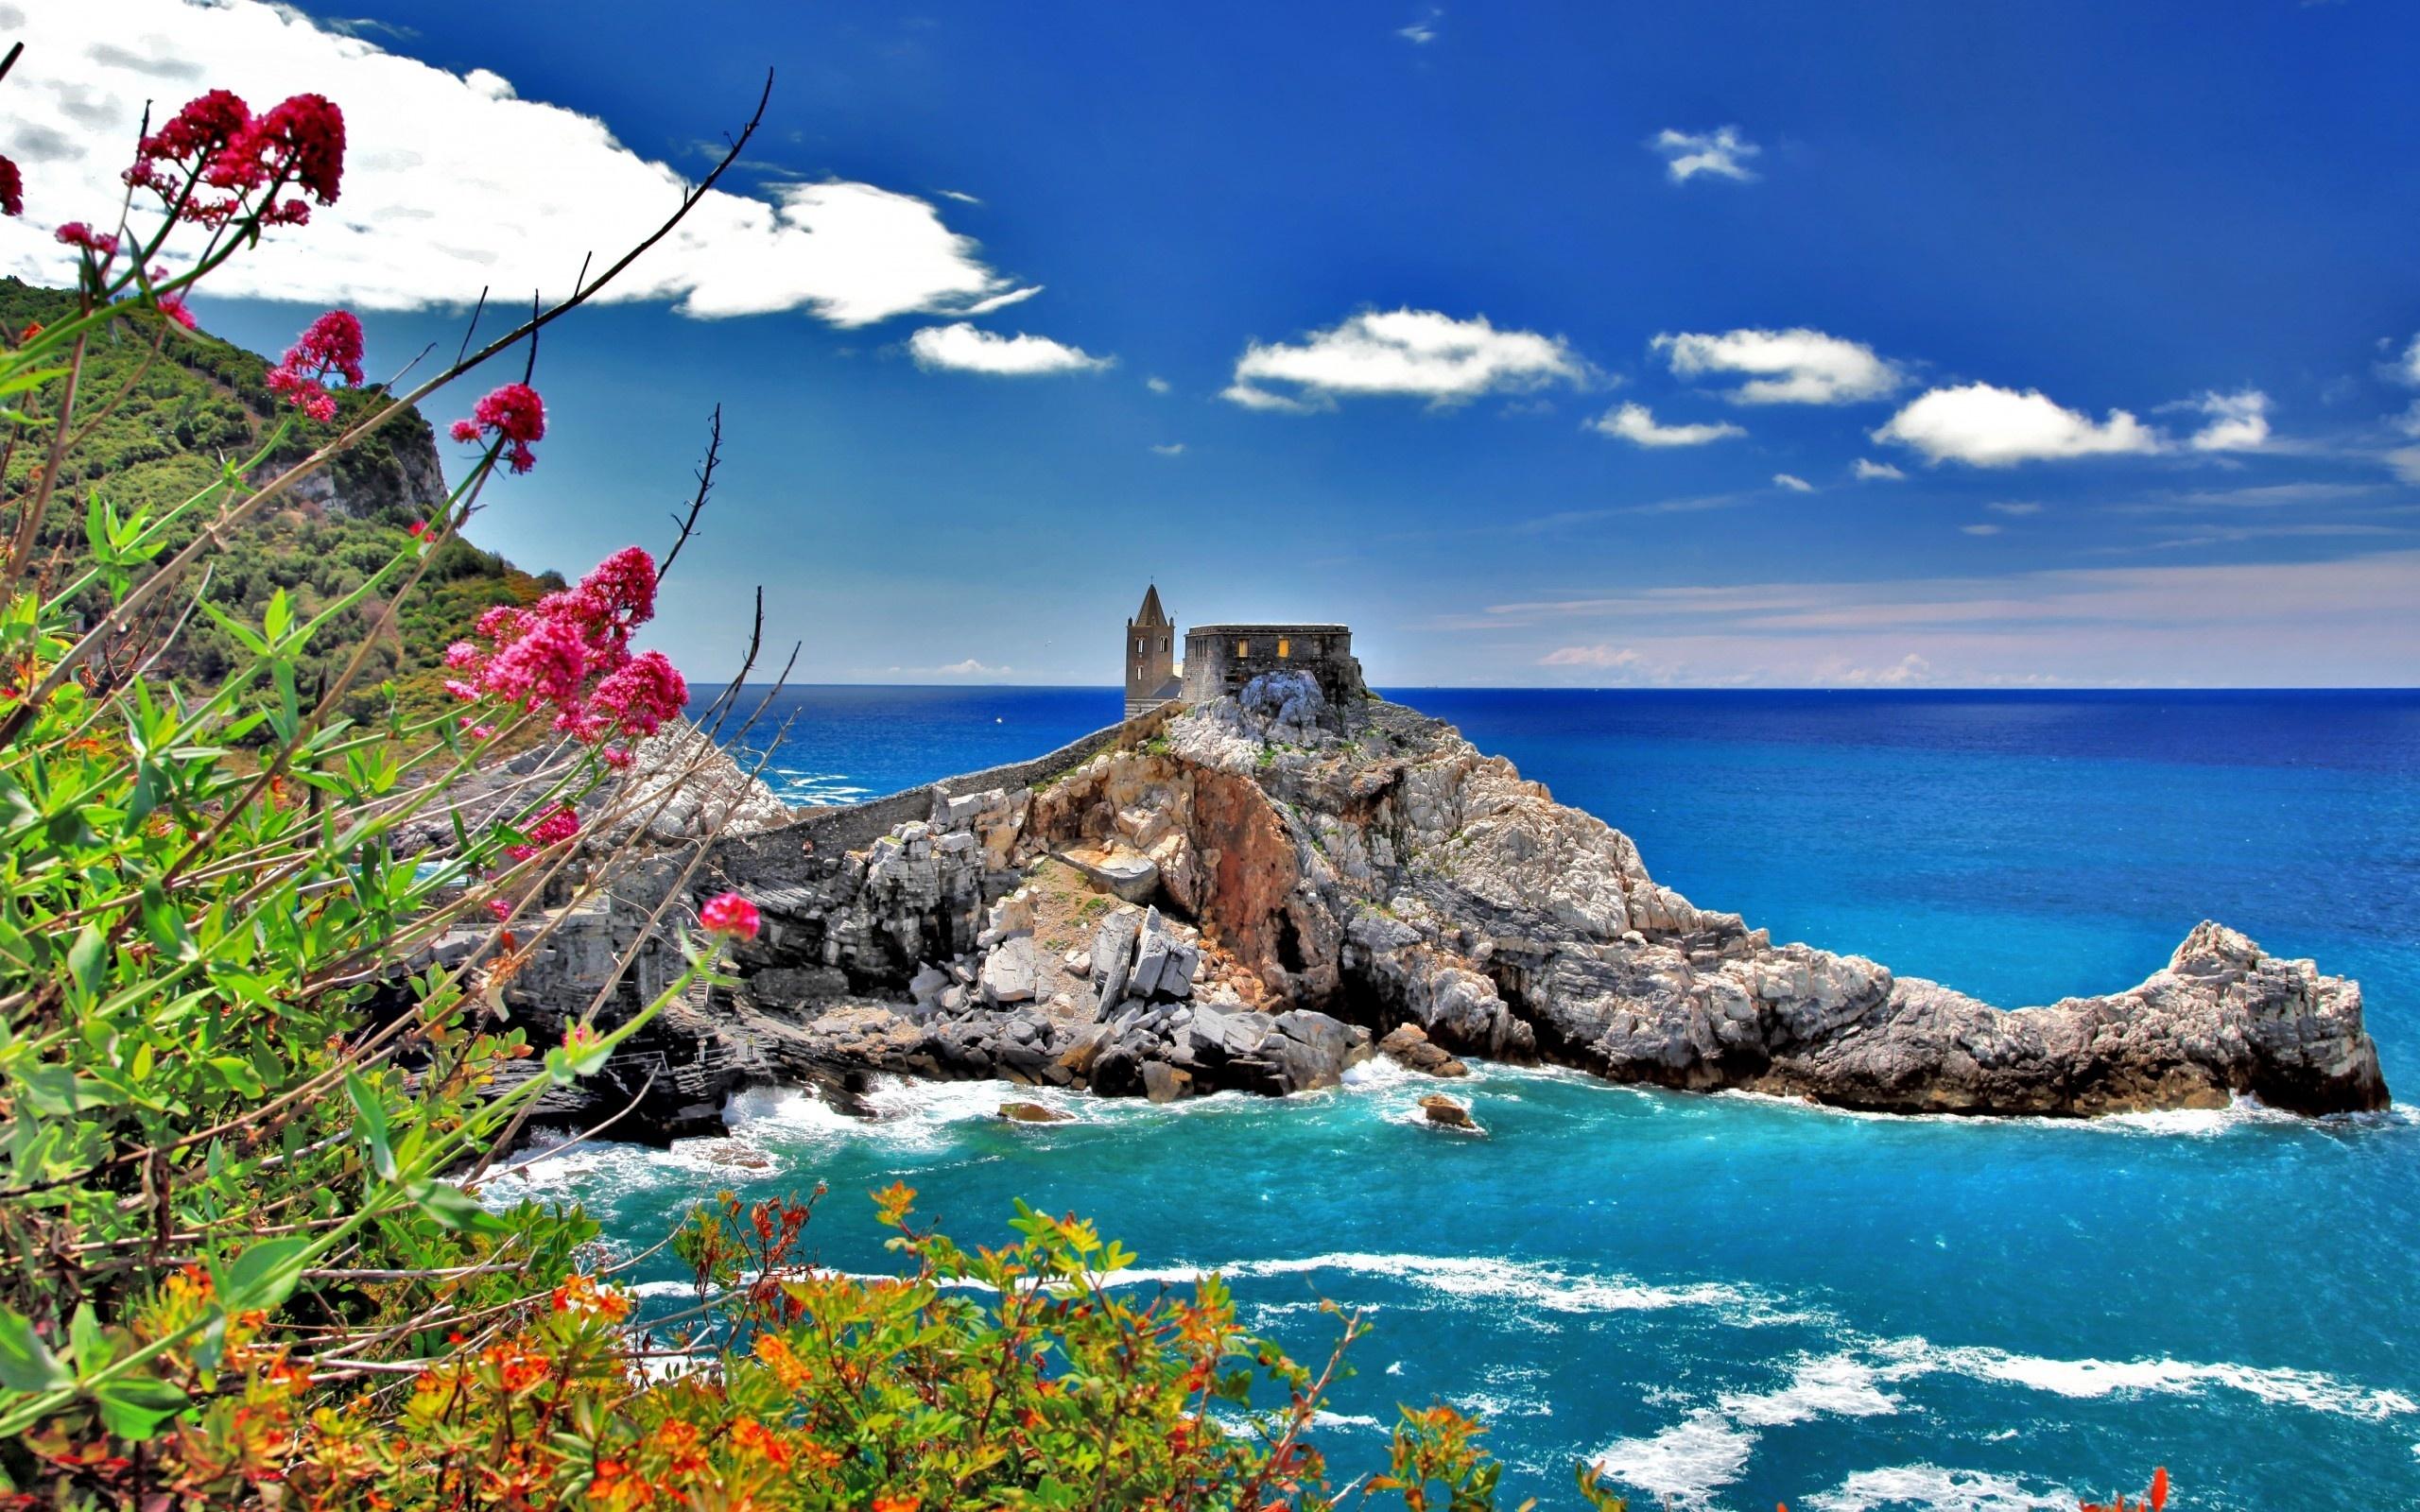 море картинки красивые пейзажи людям